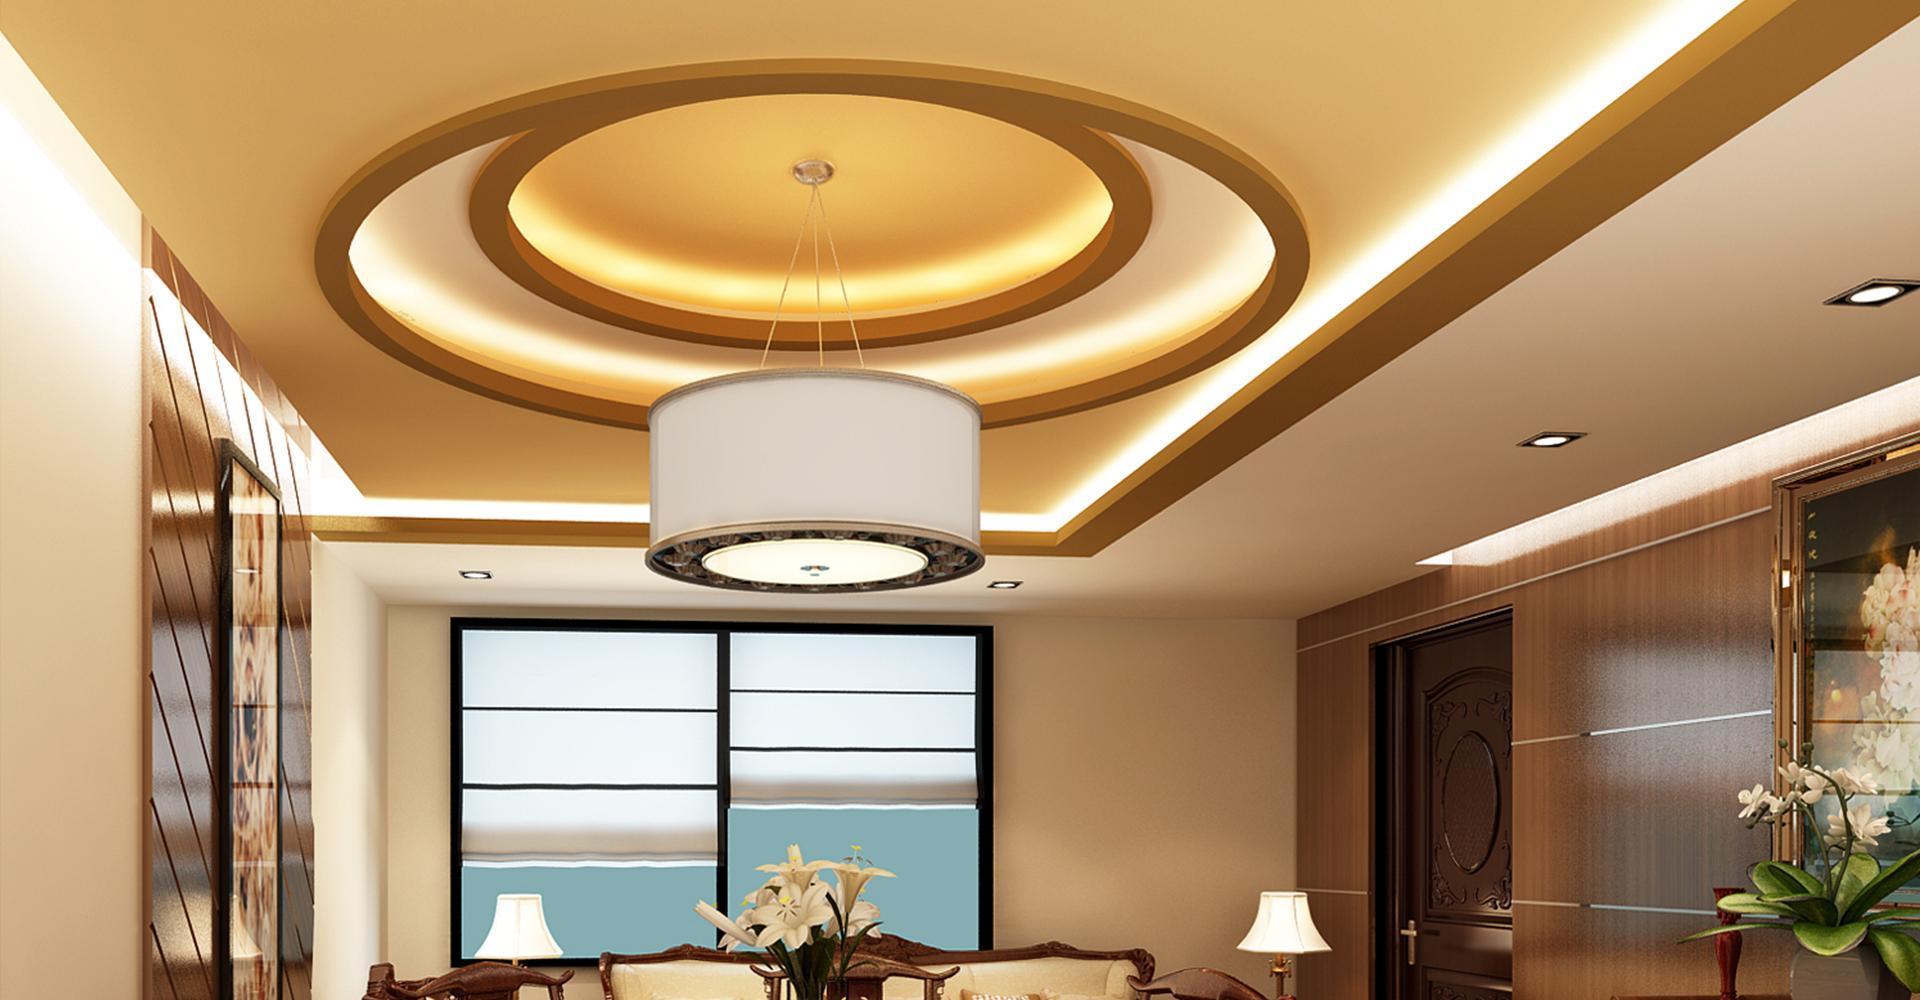 подвесной потолок из гипсокартона дизайн фото собственником теплого